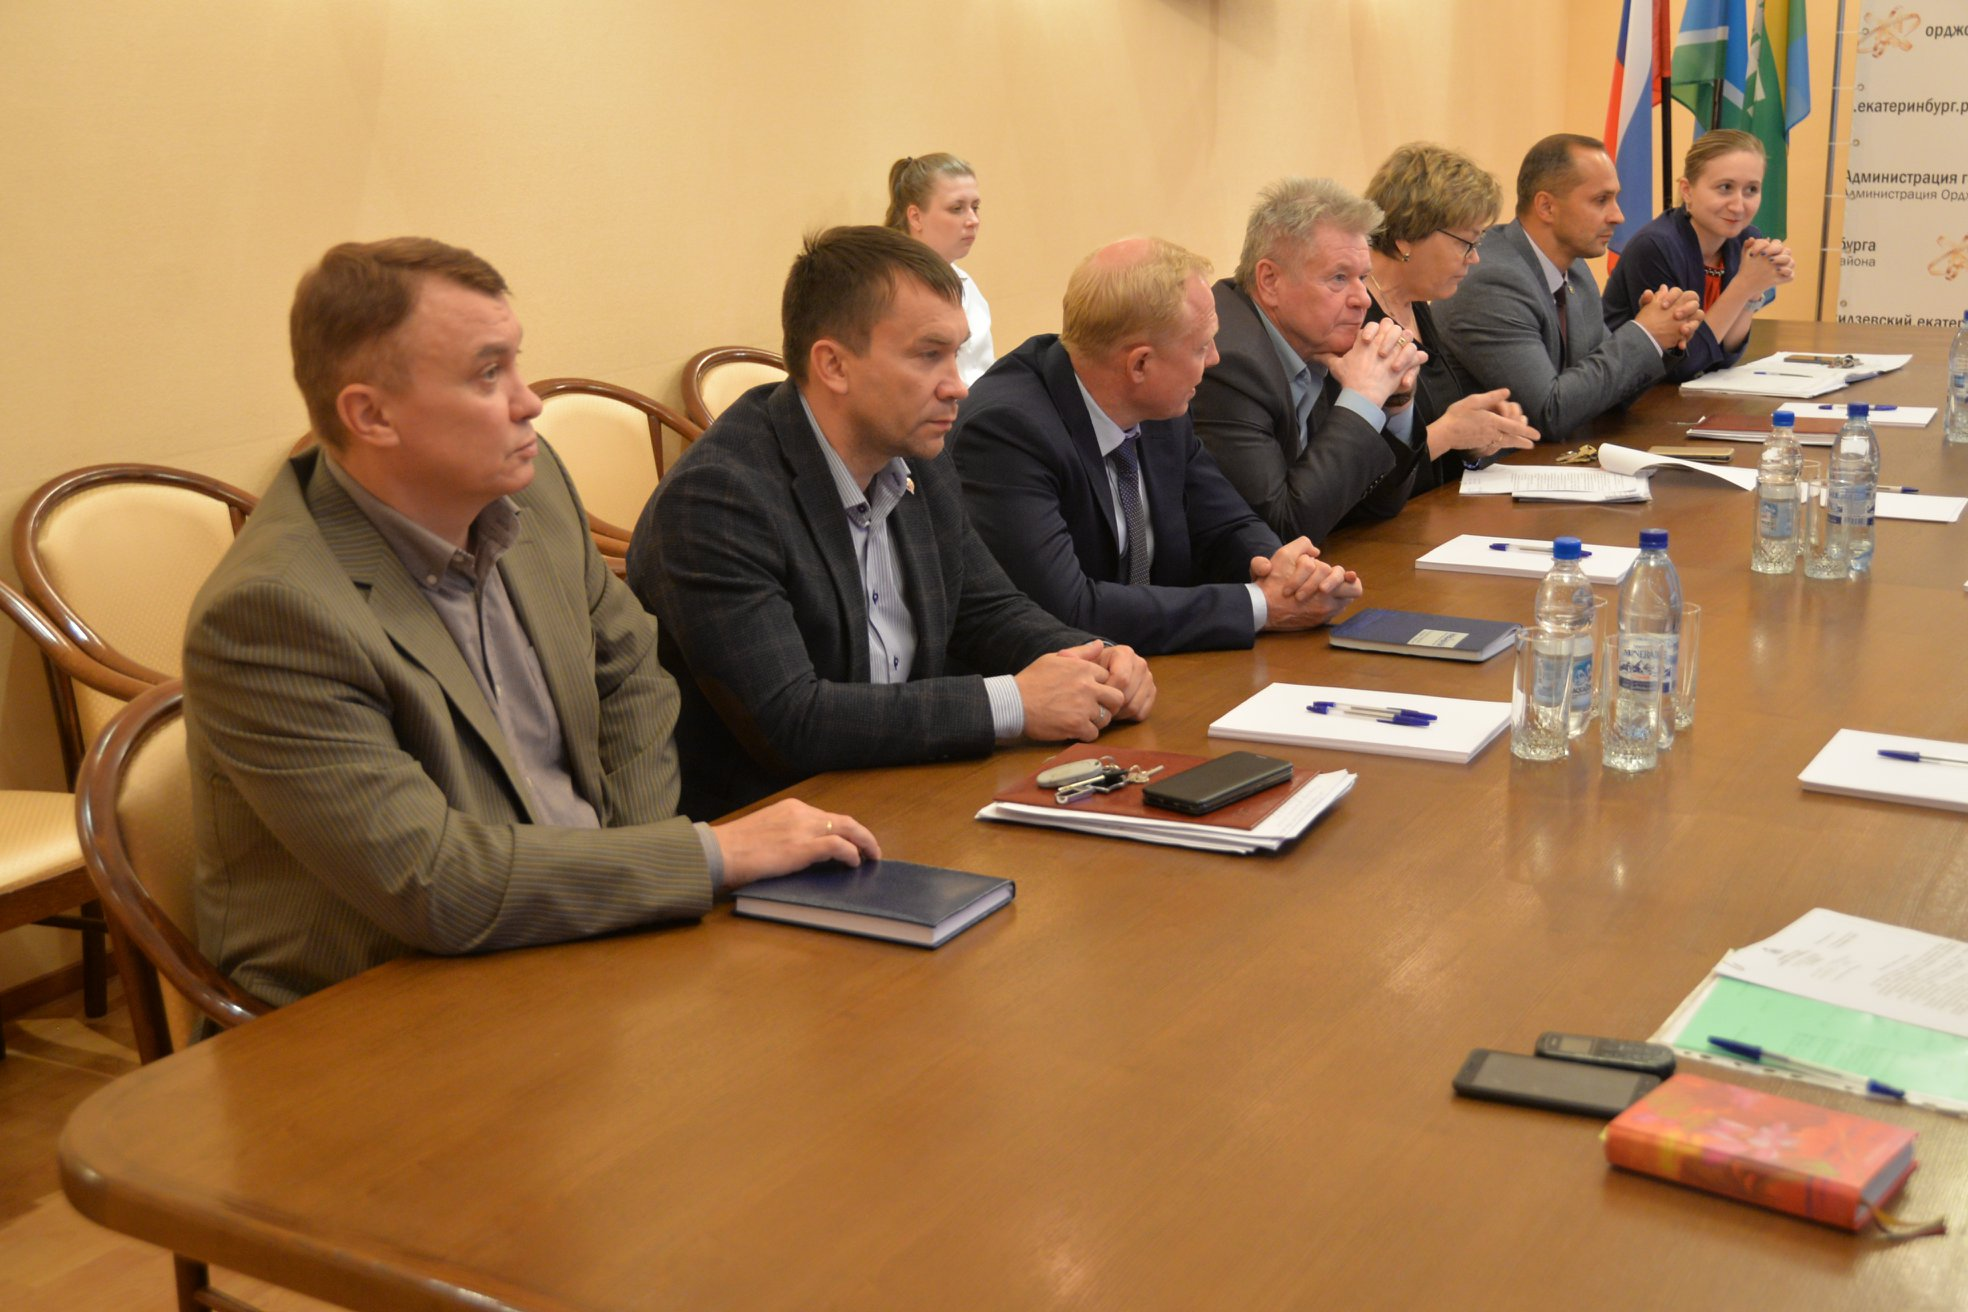 В Екатеринбурге начали готовиться к празднованию Нового года